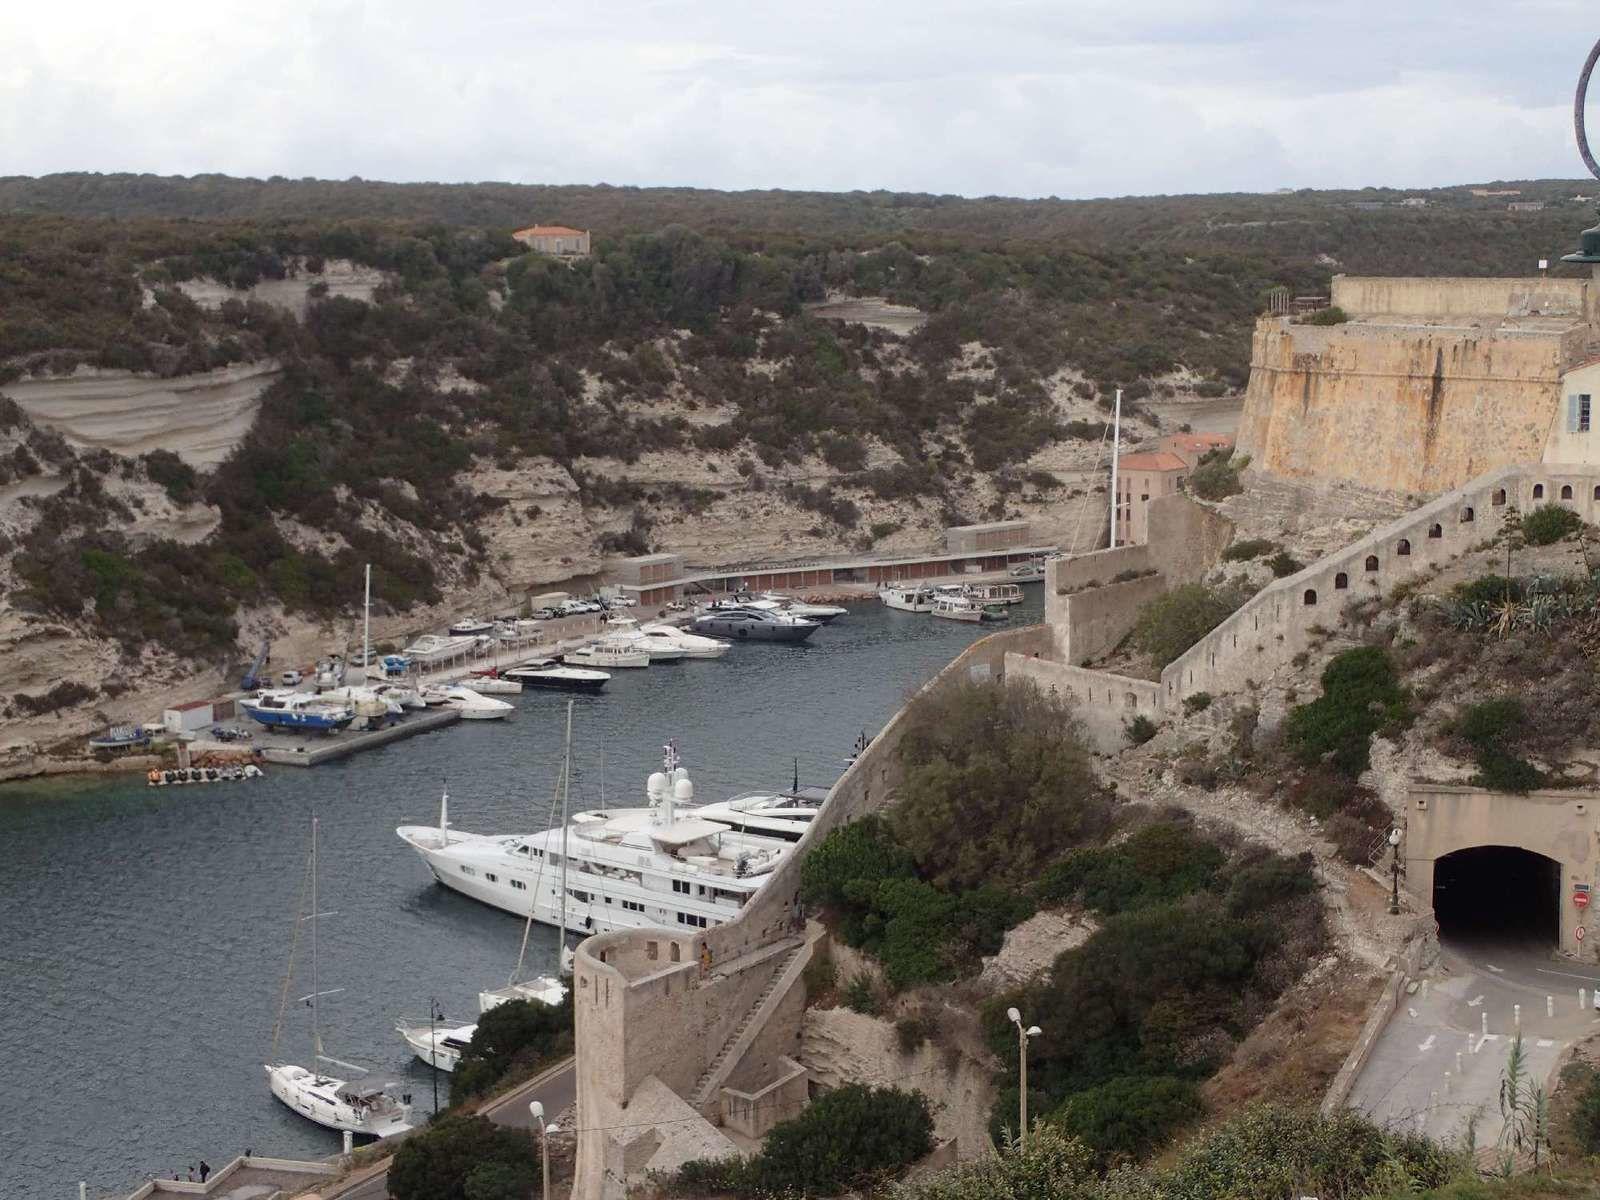 La joyeuse équipée de 9 kayakistes finistériens en Corse - Chapitre 4